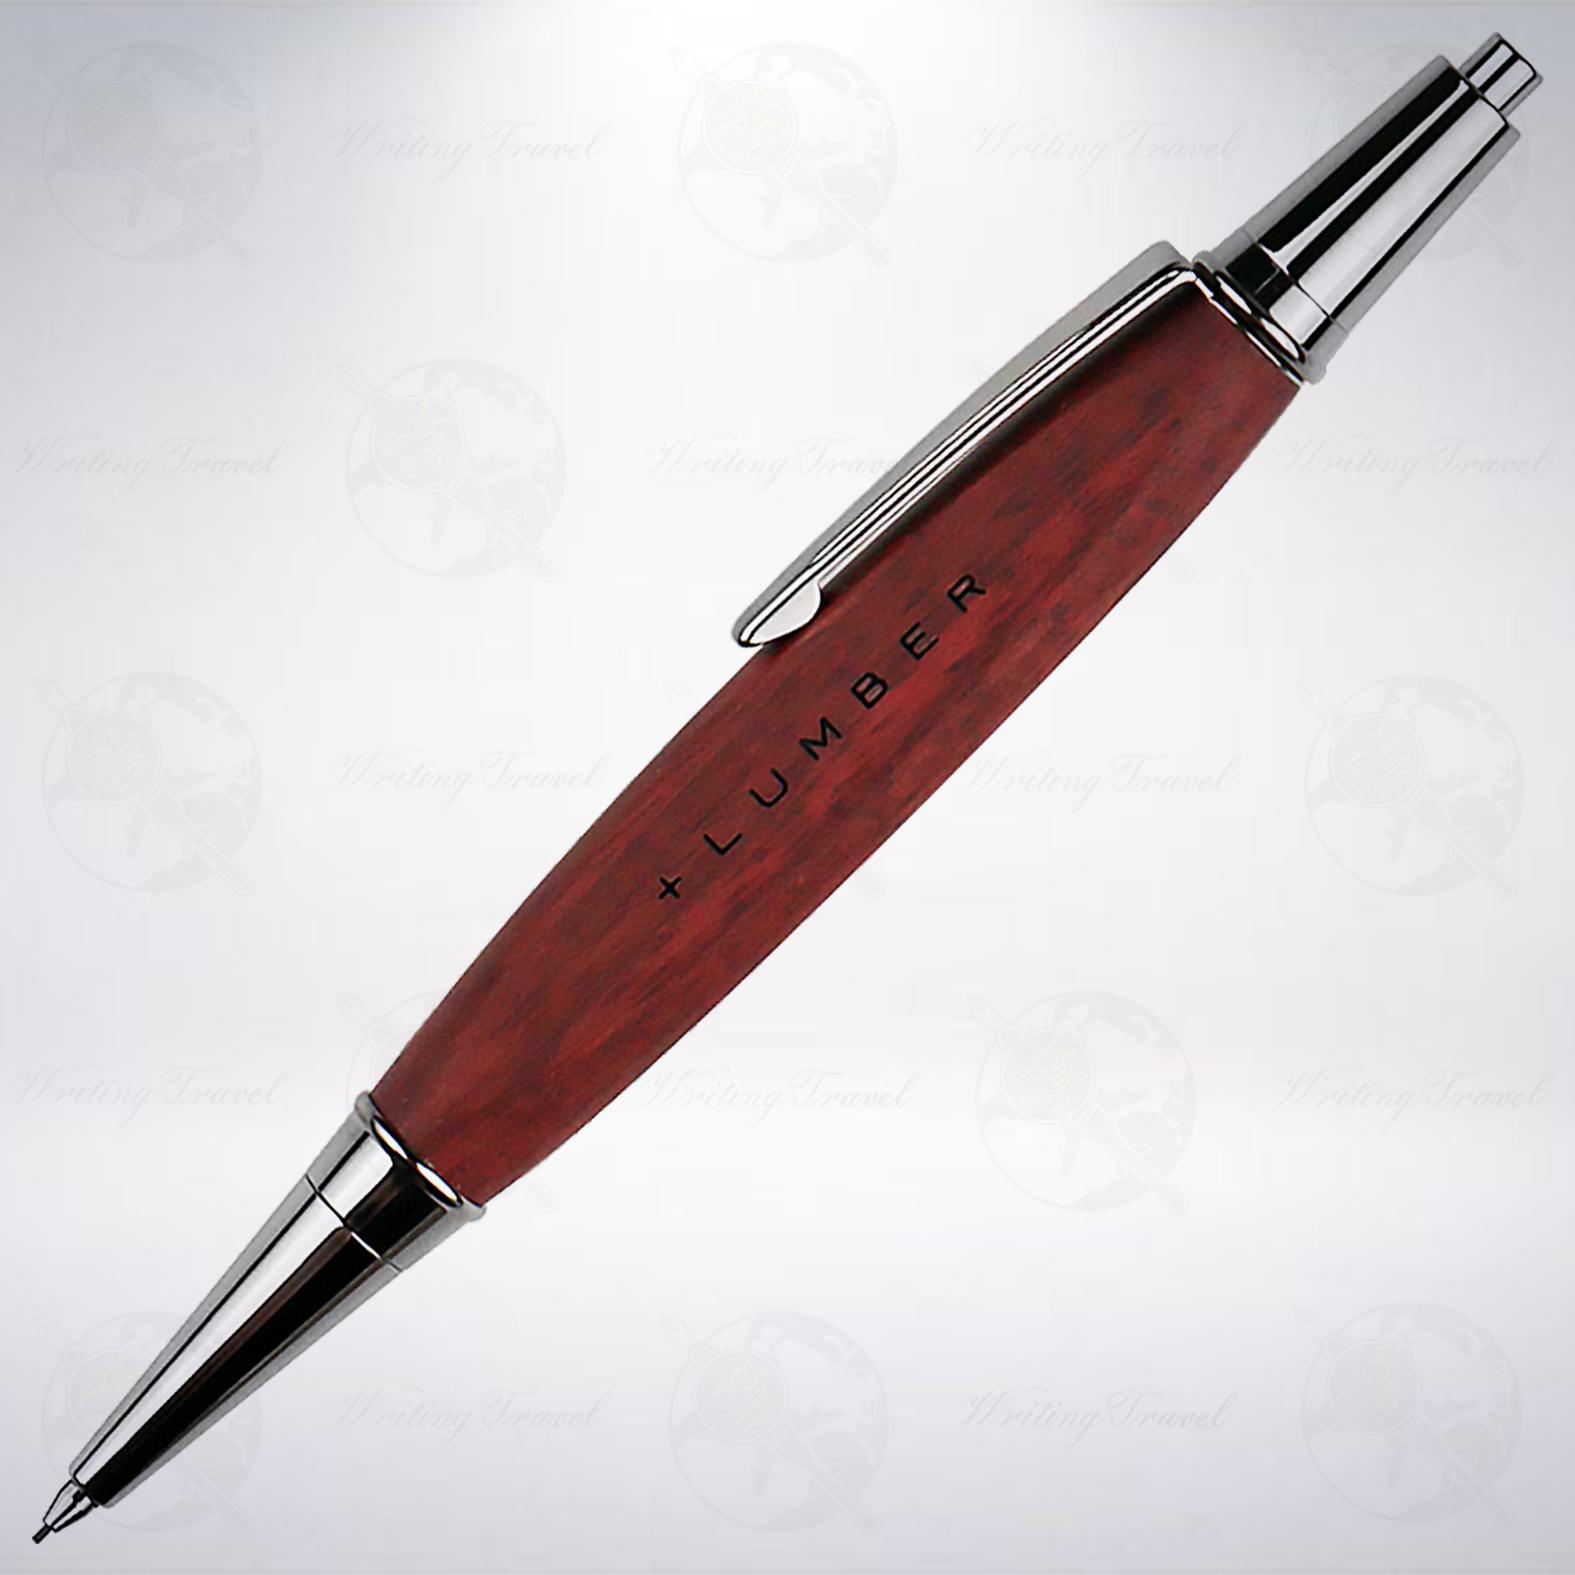 日本 +LUMBER 0.5mm 三角木軸自動鉛筆: 紫心木/Purple Heart